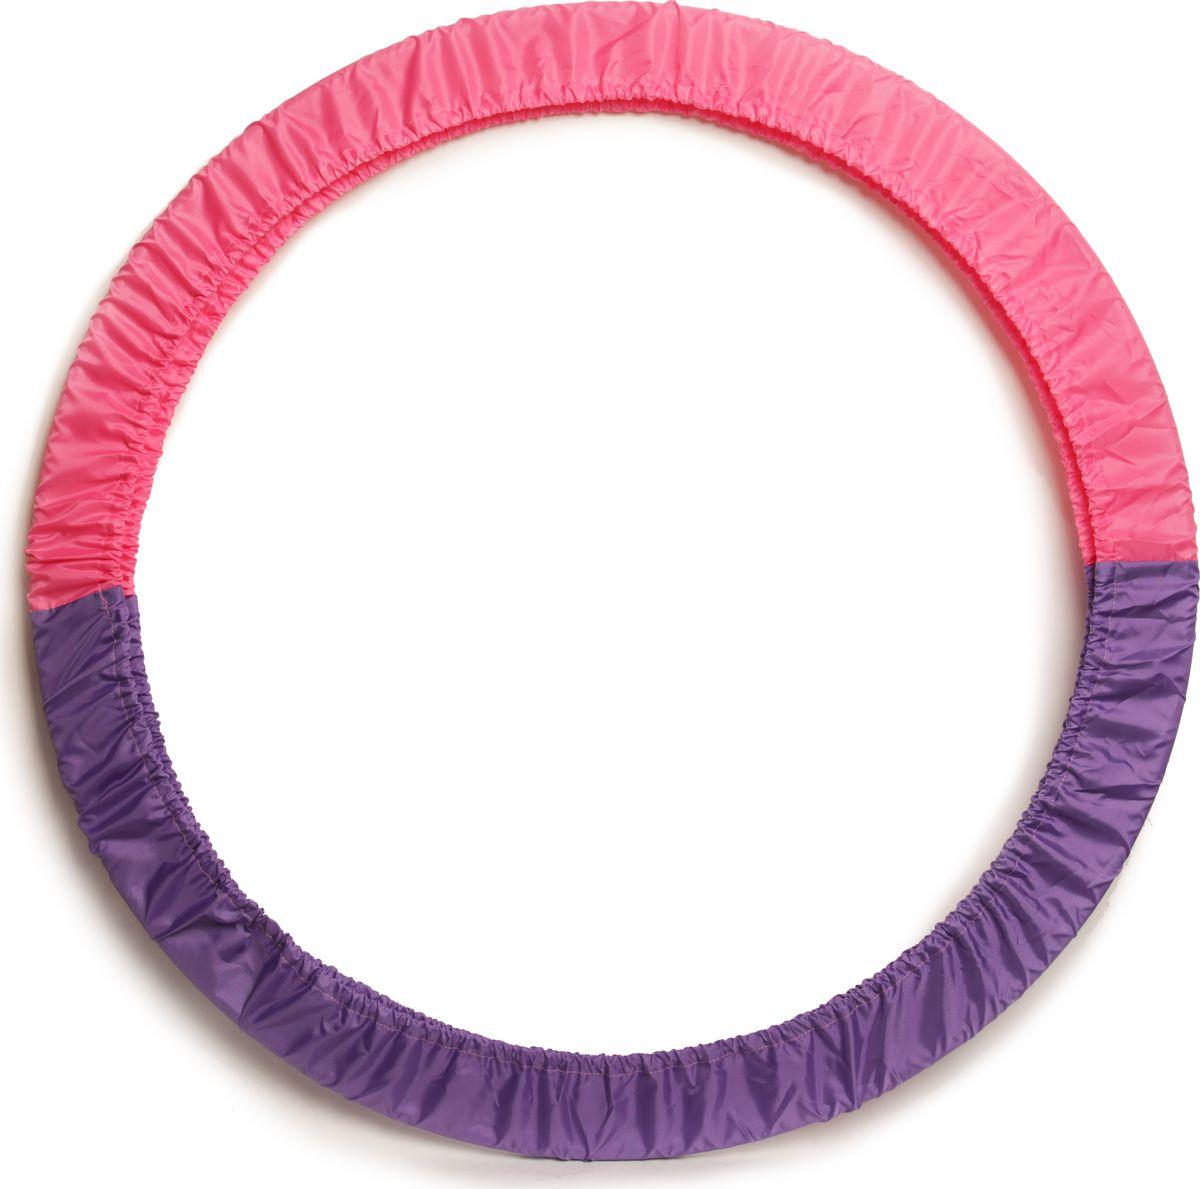 Чехол для обруча Indigo, цвет: фиолетово-розовый, диаметр 60 х 90 см00022398Чехол для обруча от Российского производителя обеспечит его сохранность и удобство при транспортировке.Чехол для обруча - универсальный, рассчитан на все размеры обручей до 900 мм